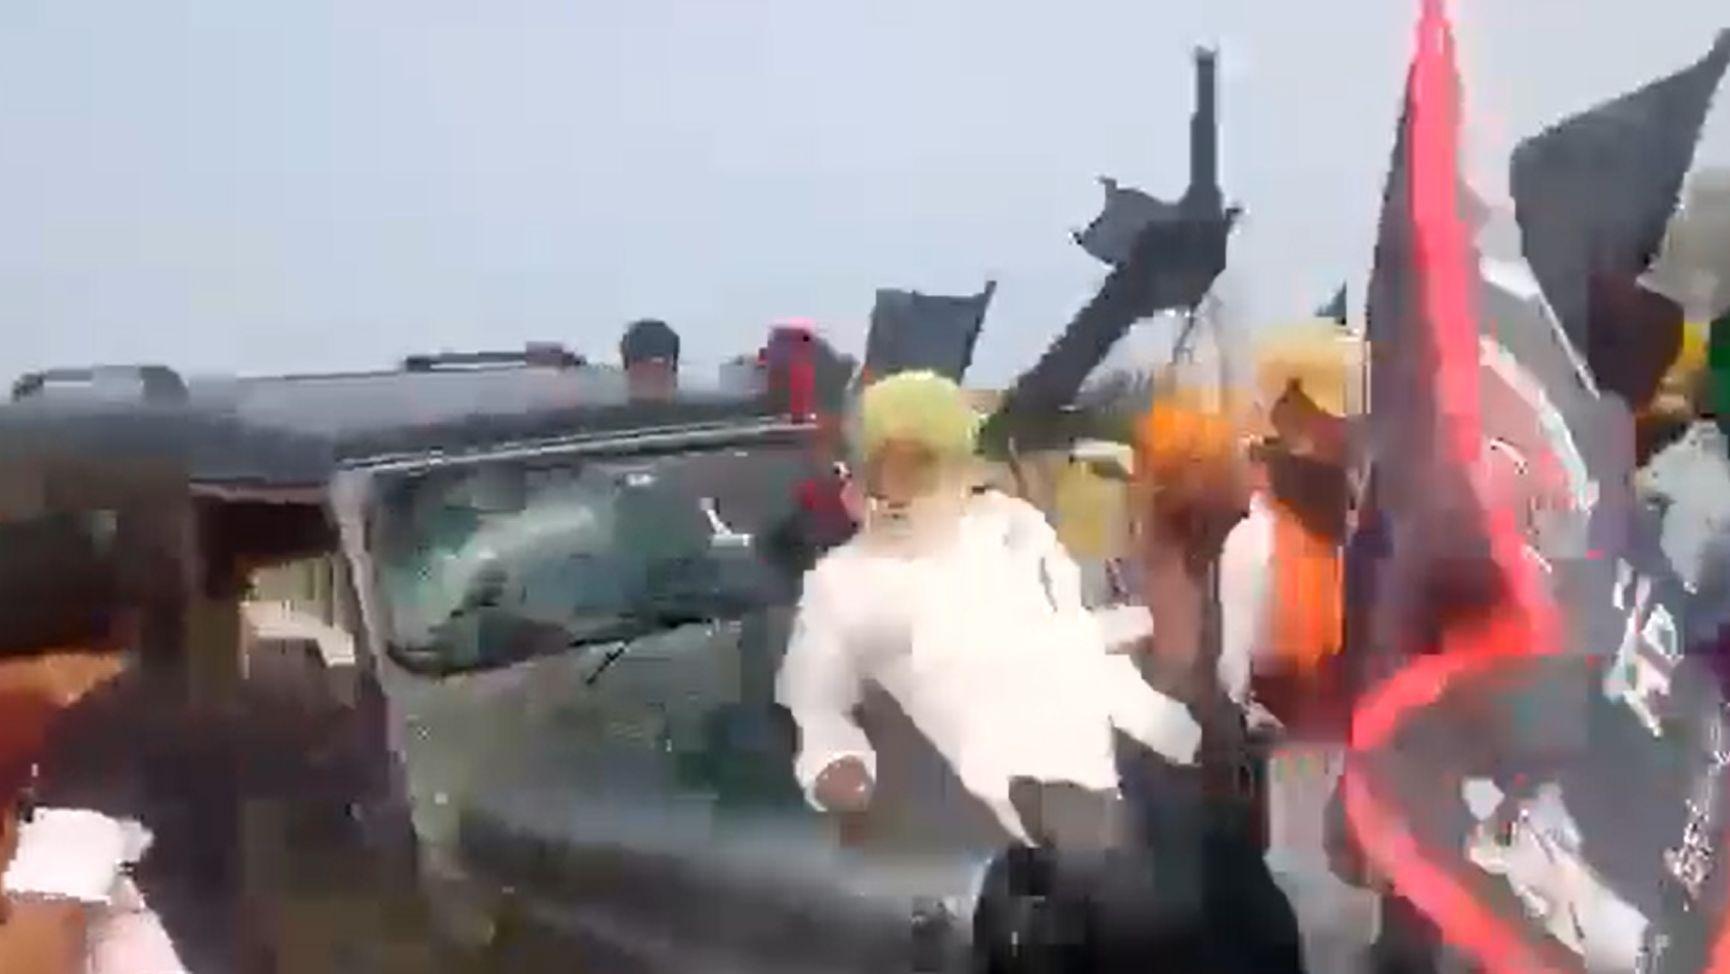 farmers to protest lakhimpur kheri incident- rail roko and mahapanchayat - Satya Hindi